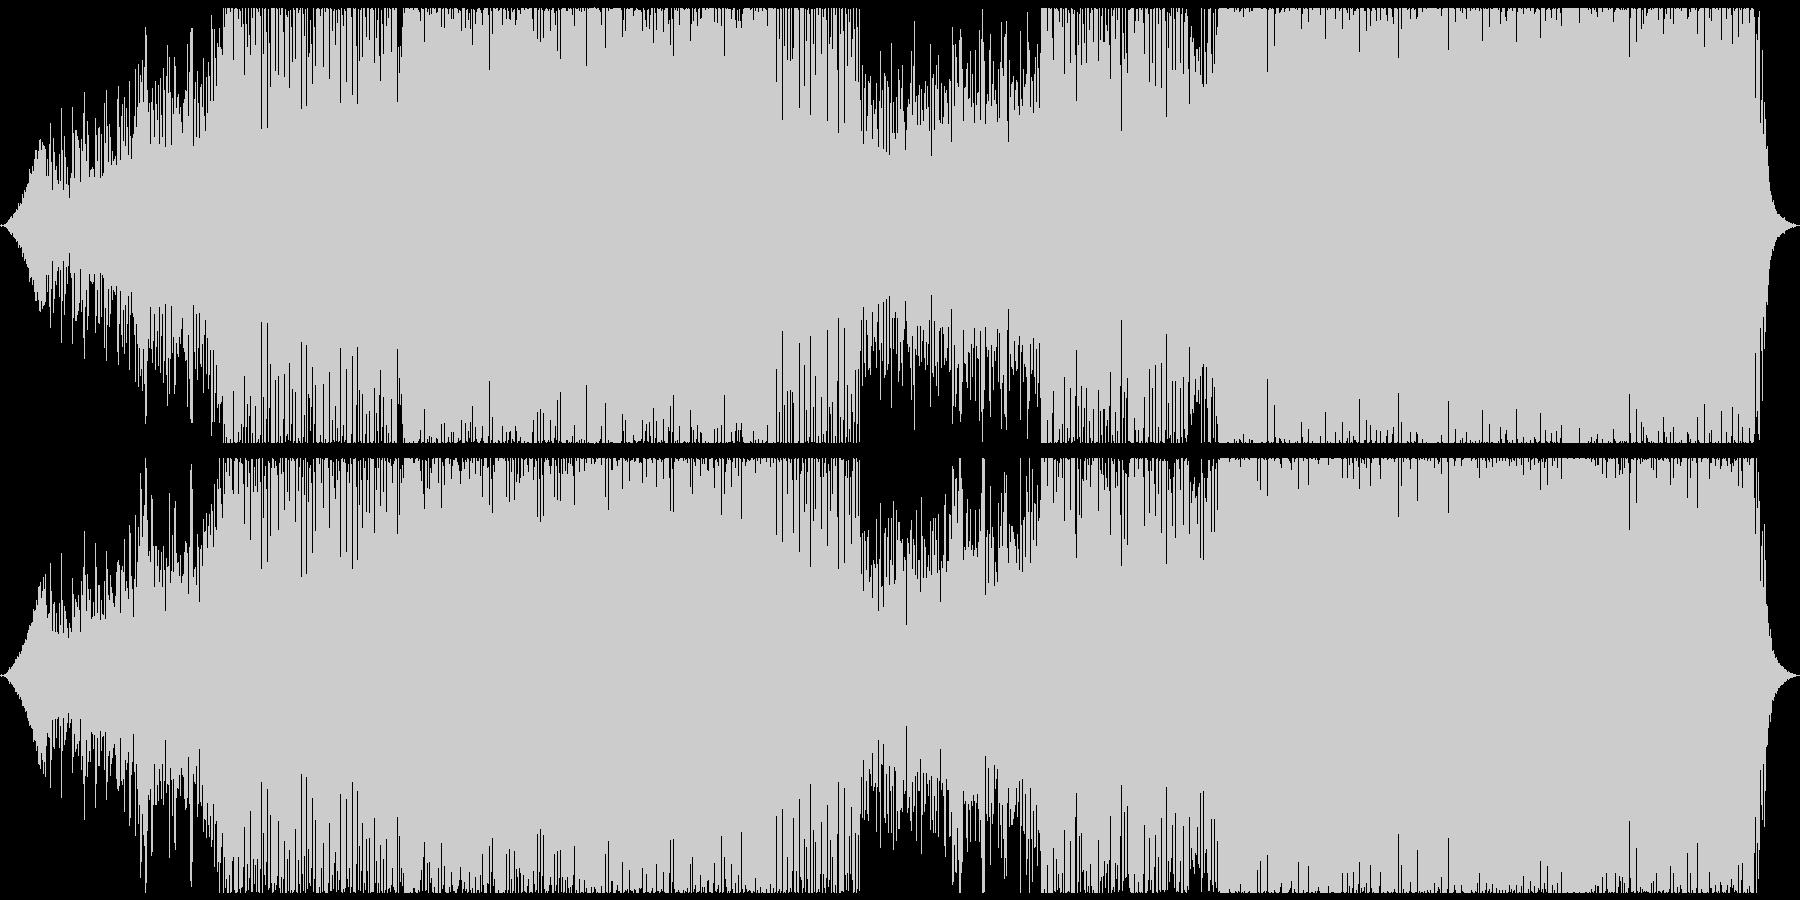 クラブ/ハウス/プログレッシブの未再生の波形